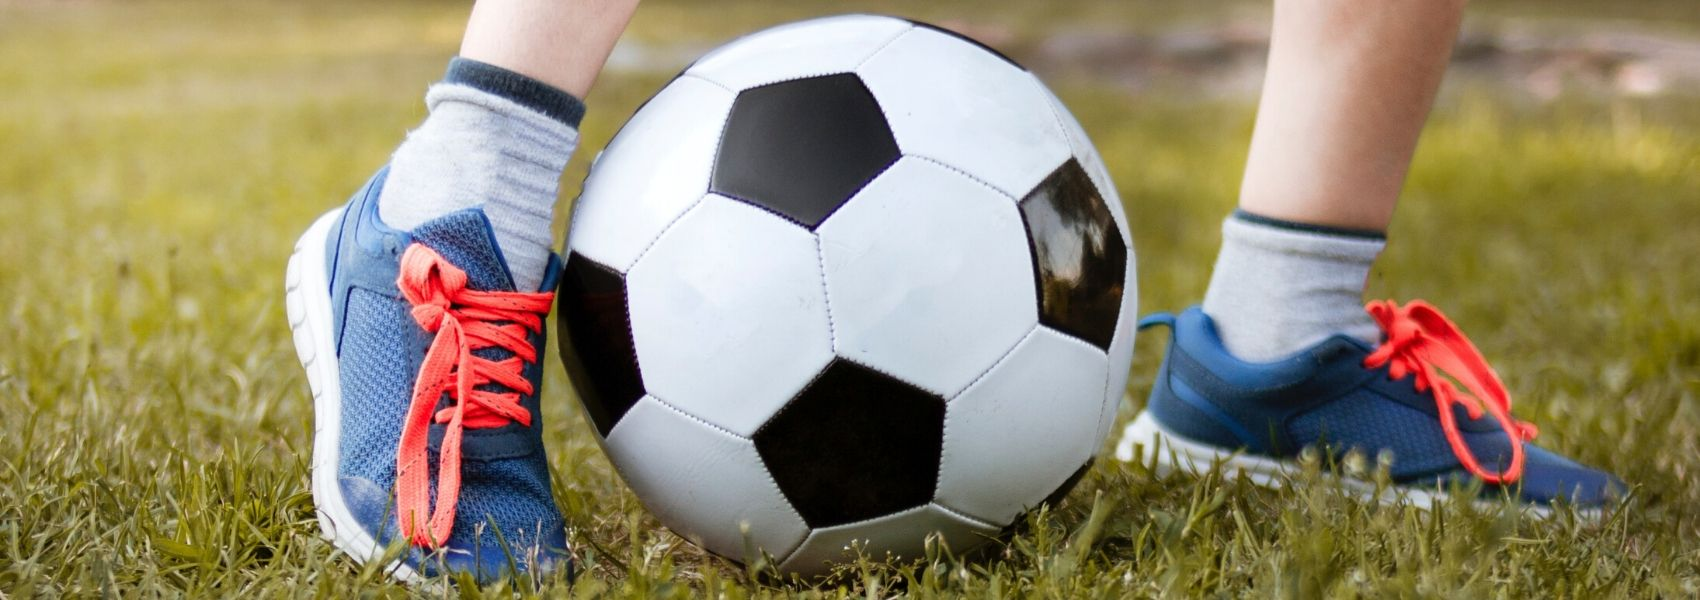 Jovens dão exemplo aos pais em projeto inédito de fair-play no futsal português